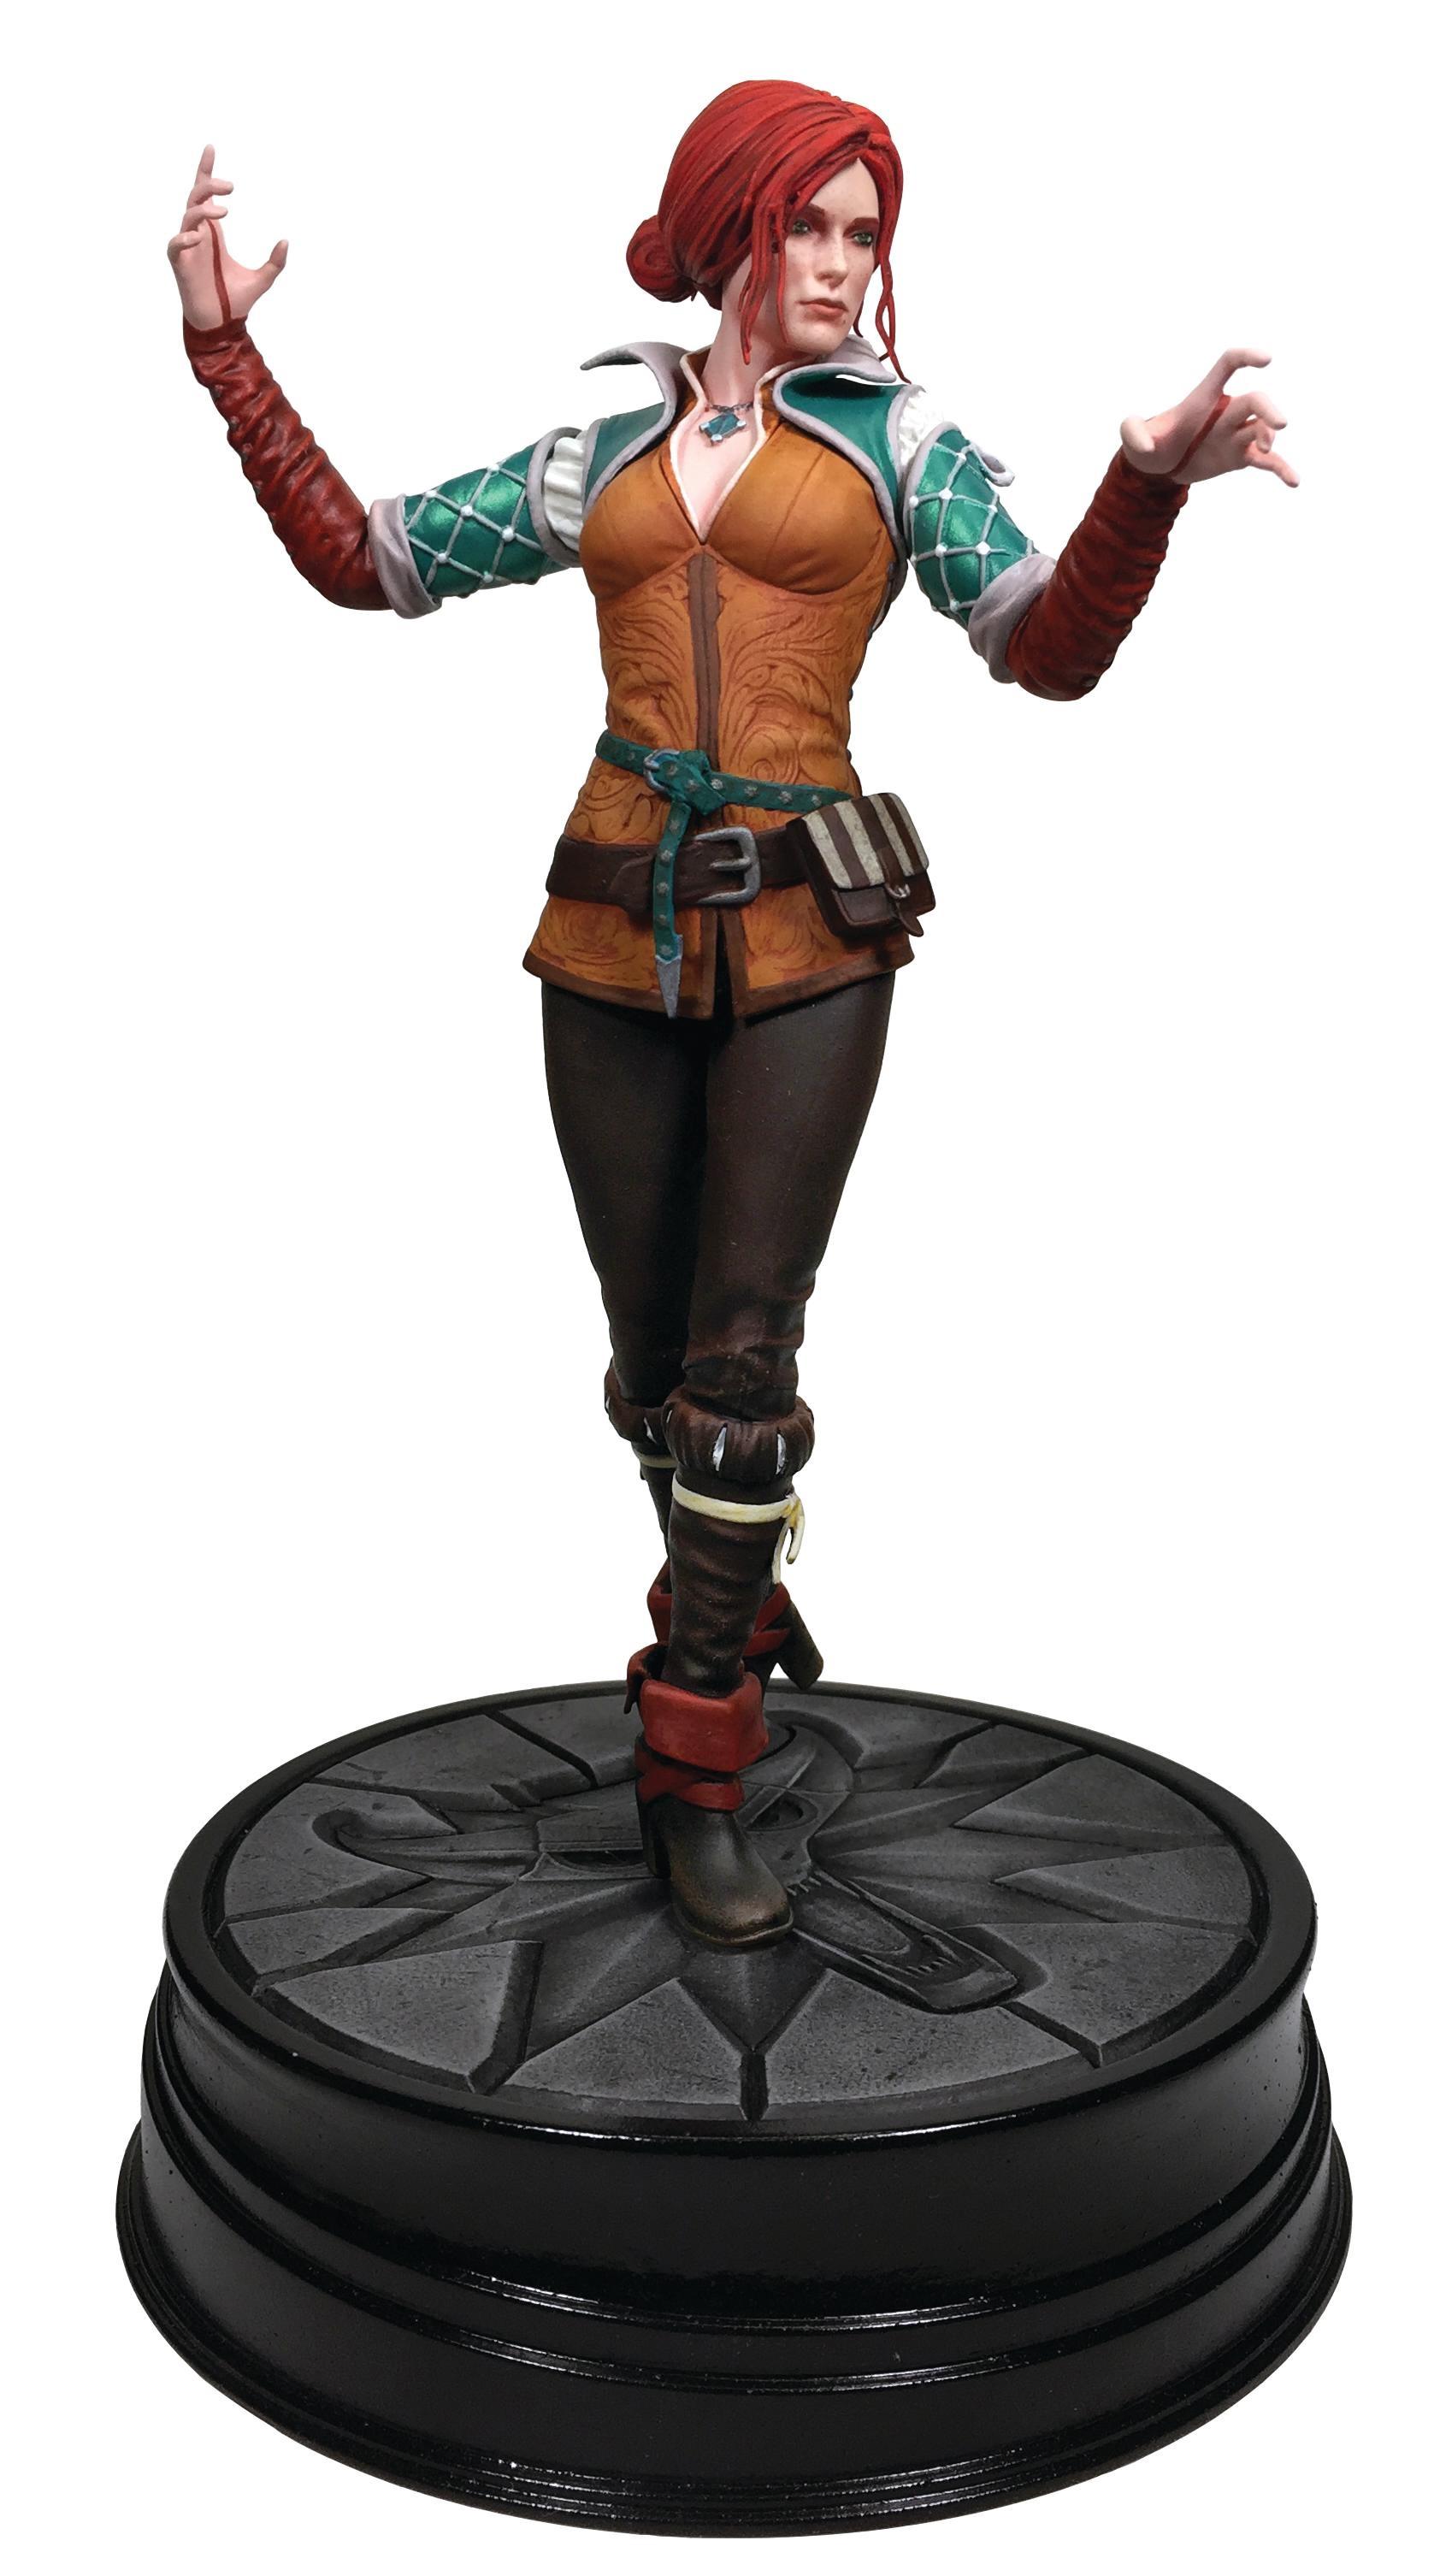 Фигурка Witcher 3: Wild Hunt. Triss Merigold (24 см)Представляем вашему вниманию фигурку Witcher 3: Wild Hunt. Ciri, созданную по мотивам популярной компьютерной игры «Ведьмак 3: Дикая охота».<br>